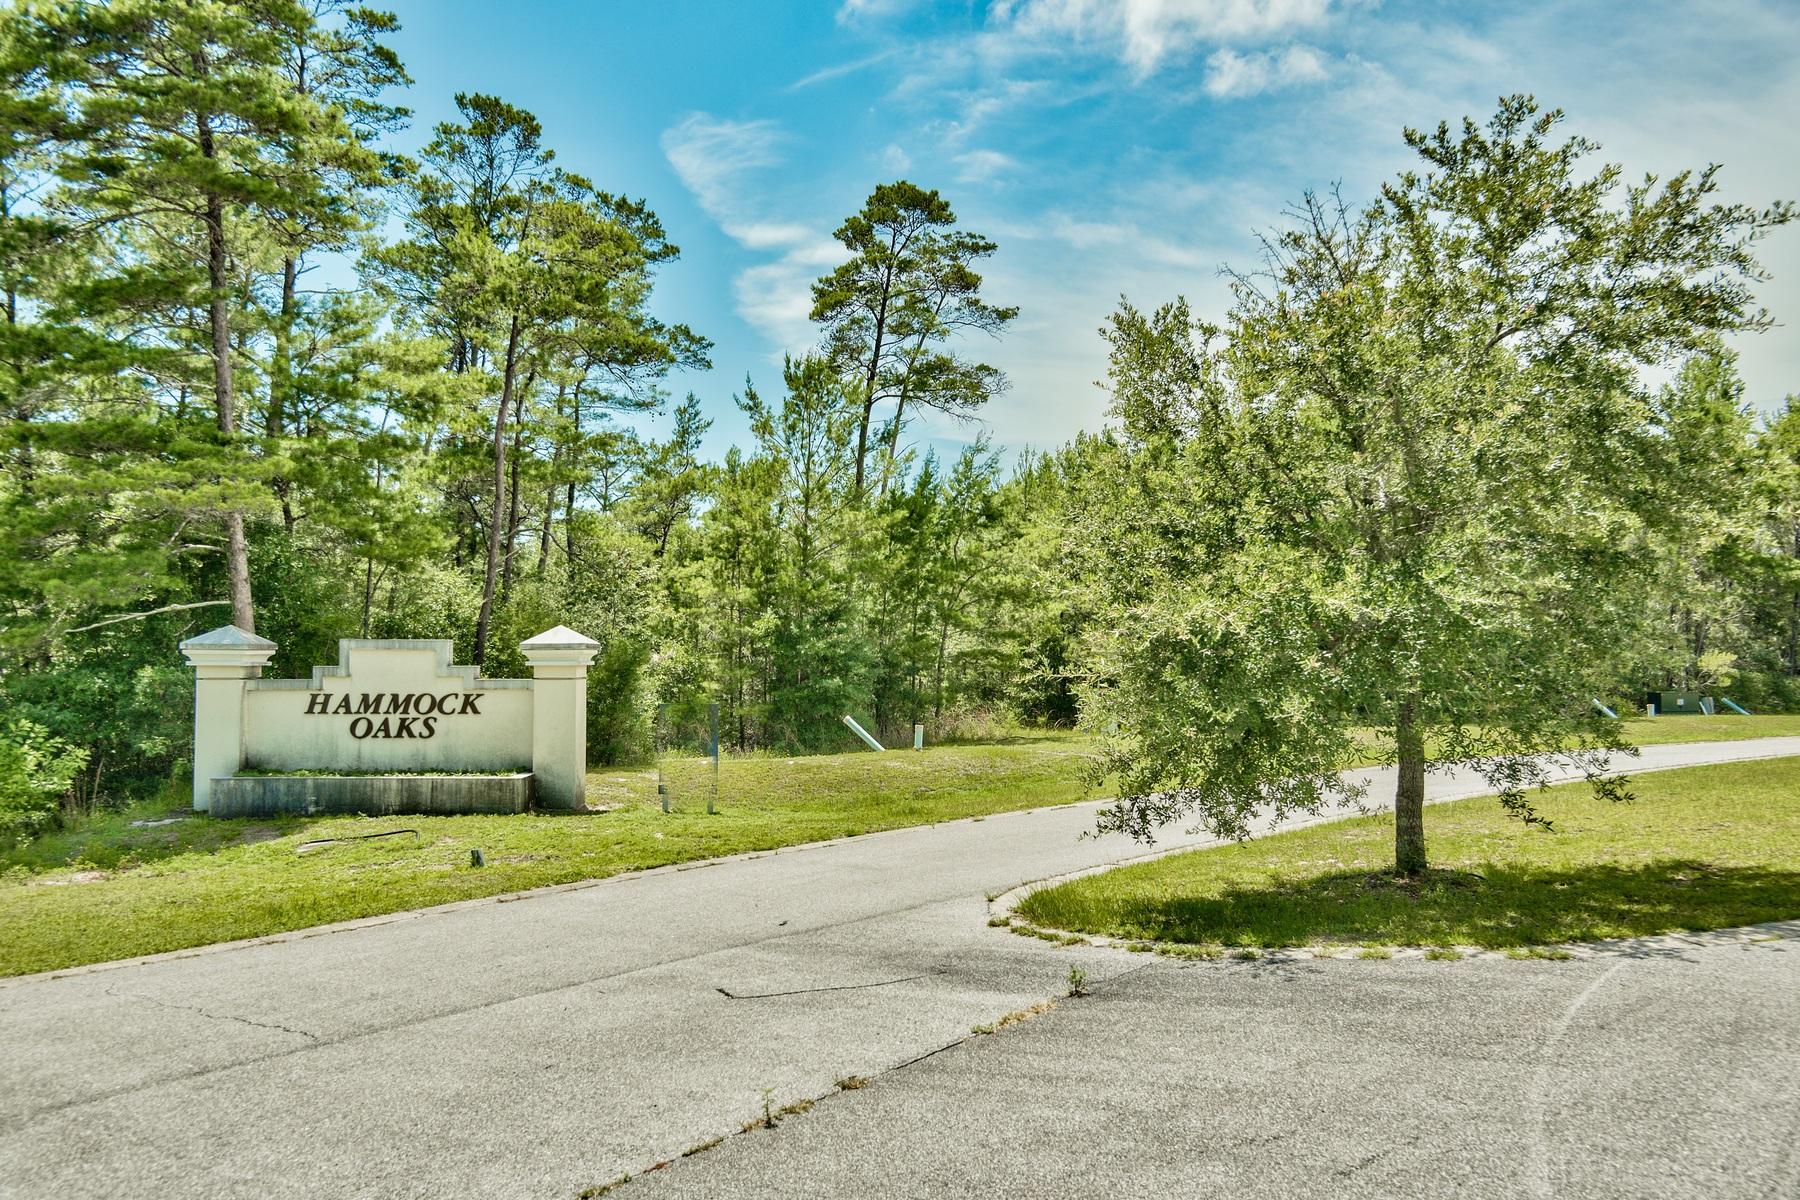 Земля для того Продажа на 26 LOT DEVELOPMENT OPPORTUNITY FOR INVESTORS IN FREEPORT Hammock Oaks Blvd Freeport, Флорида, 32439 Соединенные Штаты